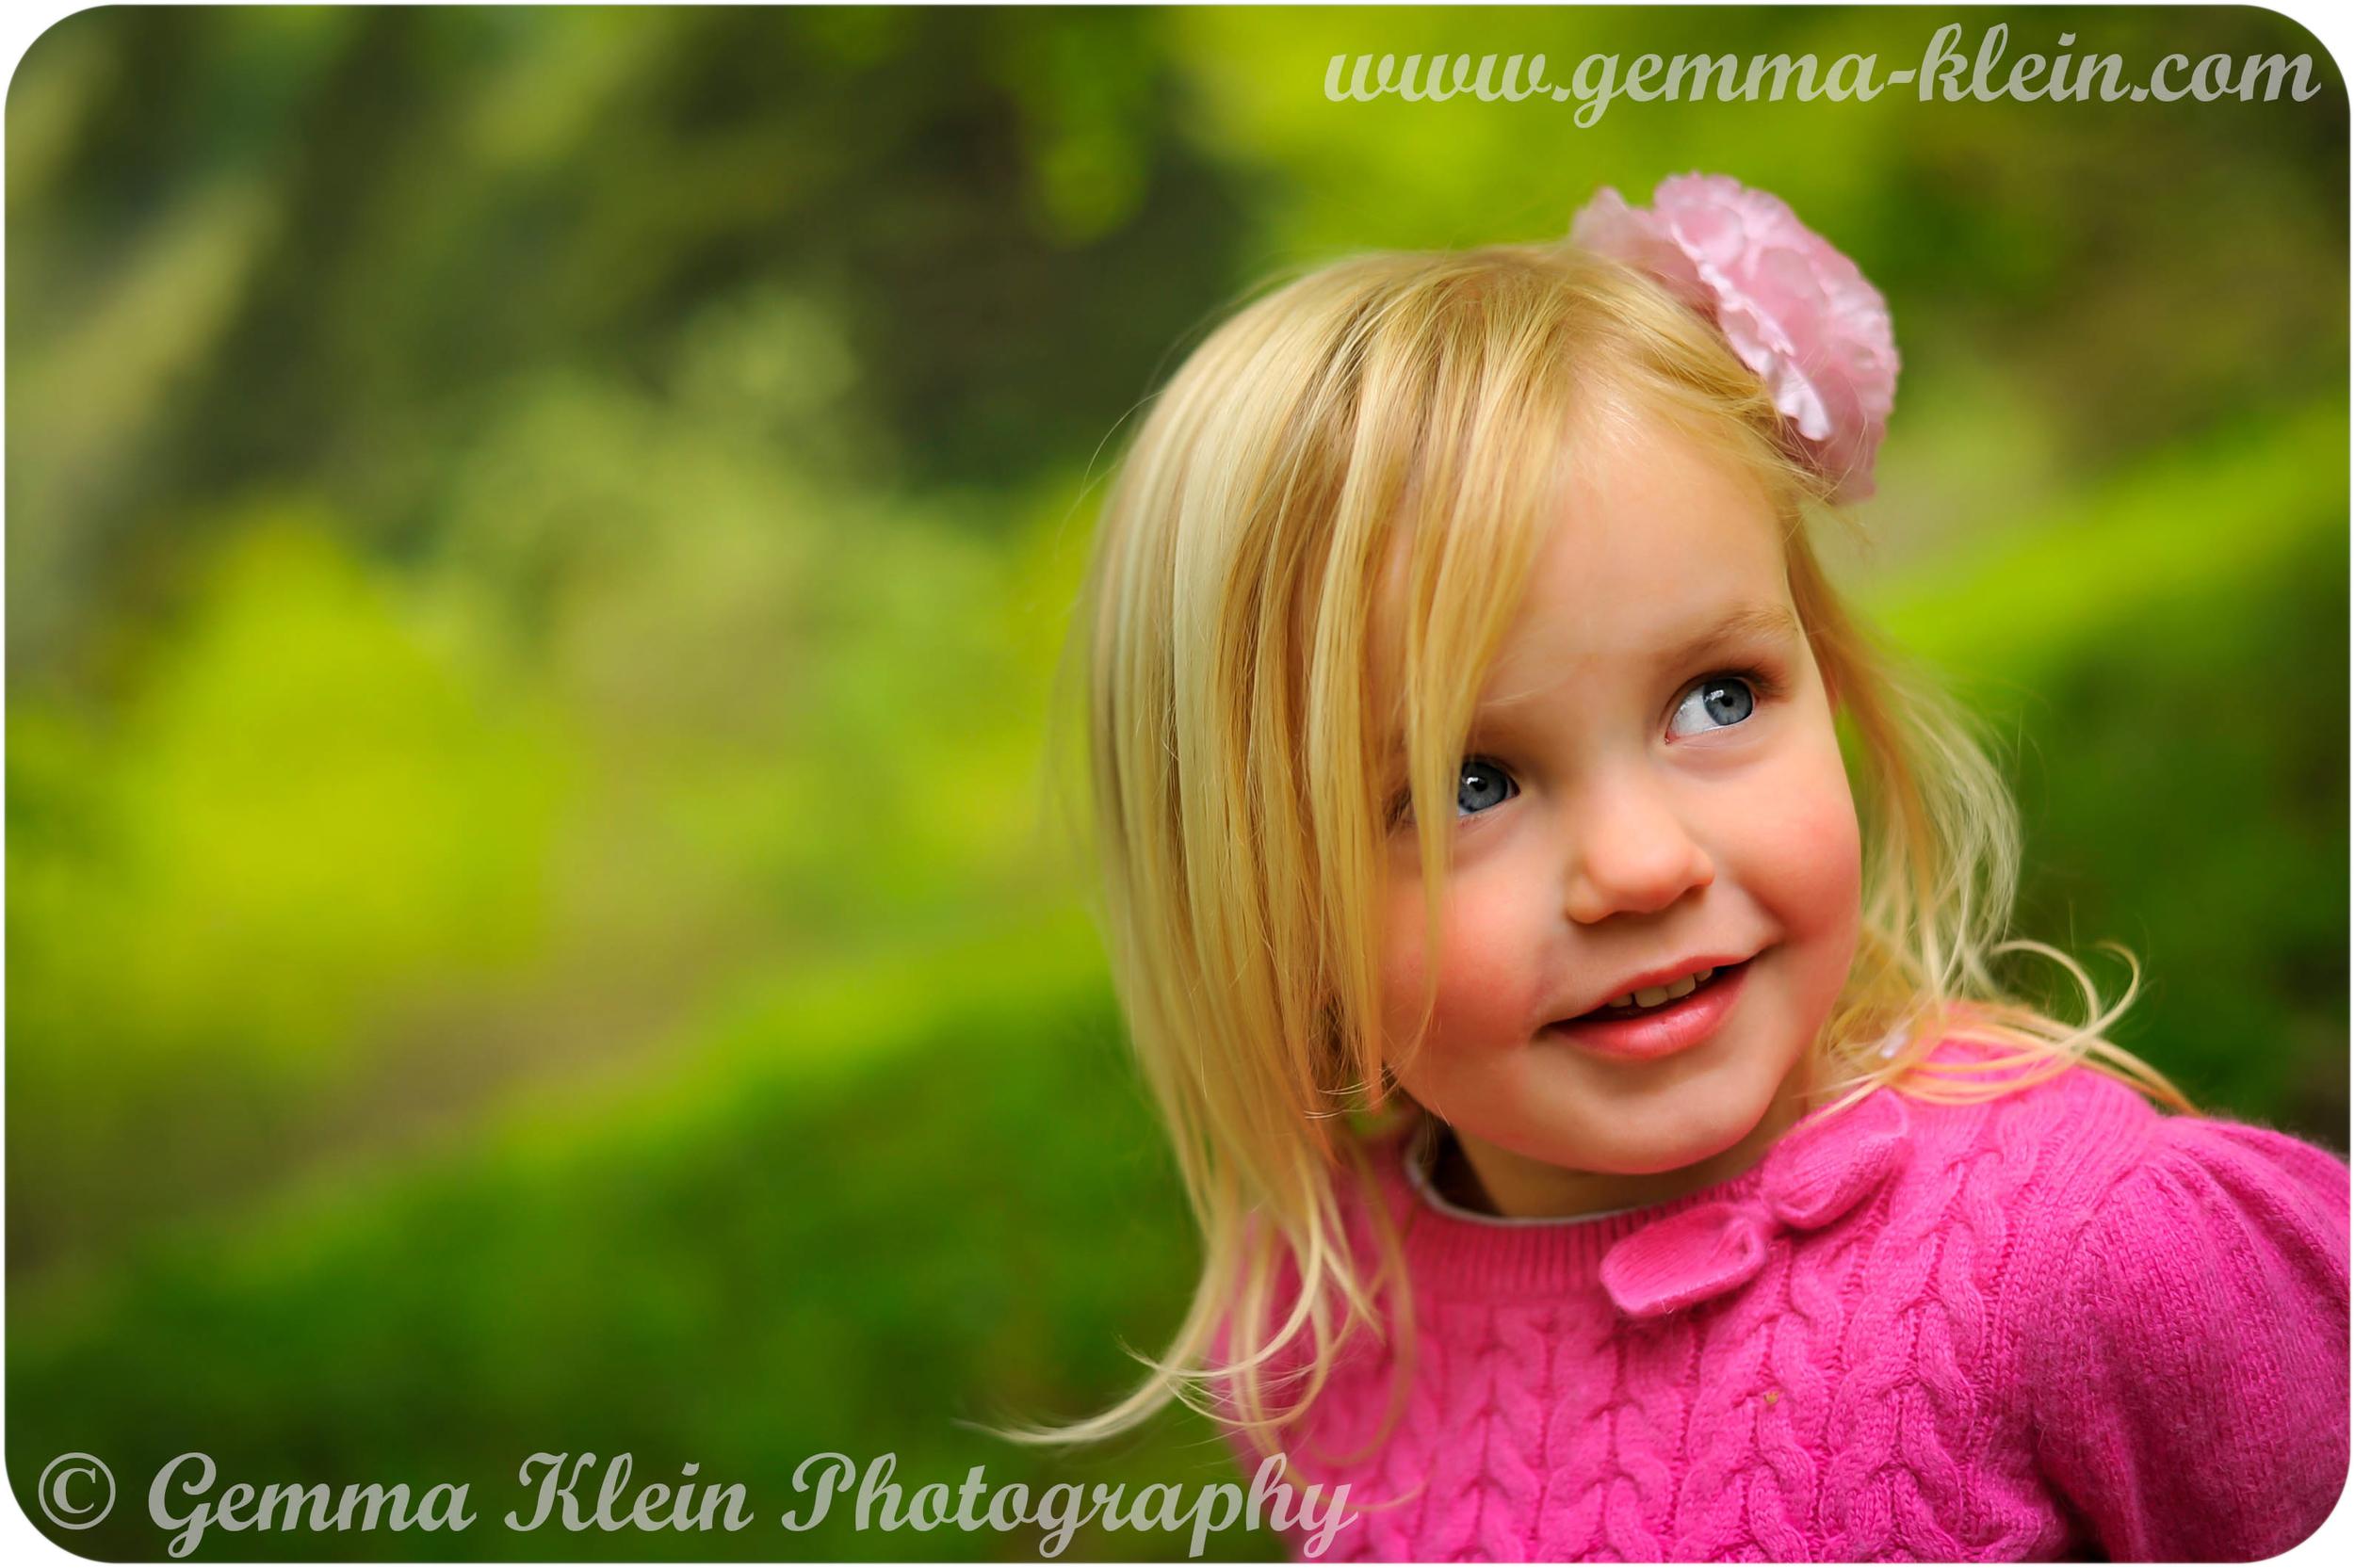 Gemma Klein Photography.jpg